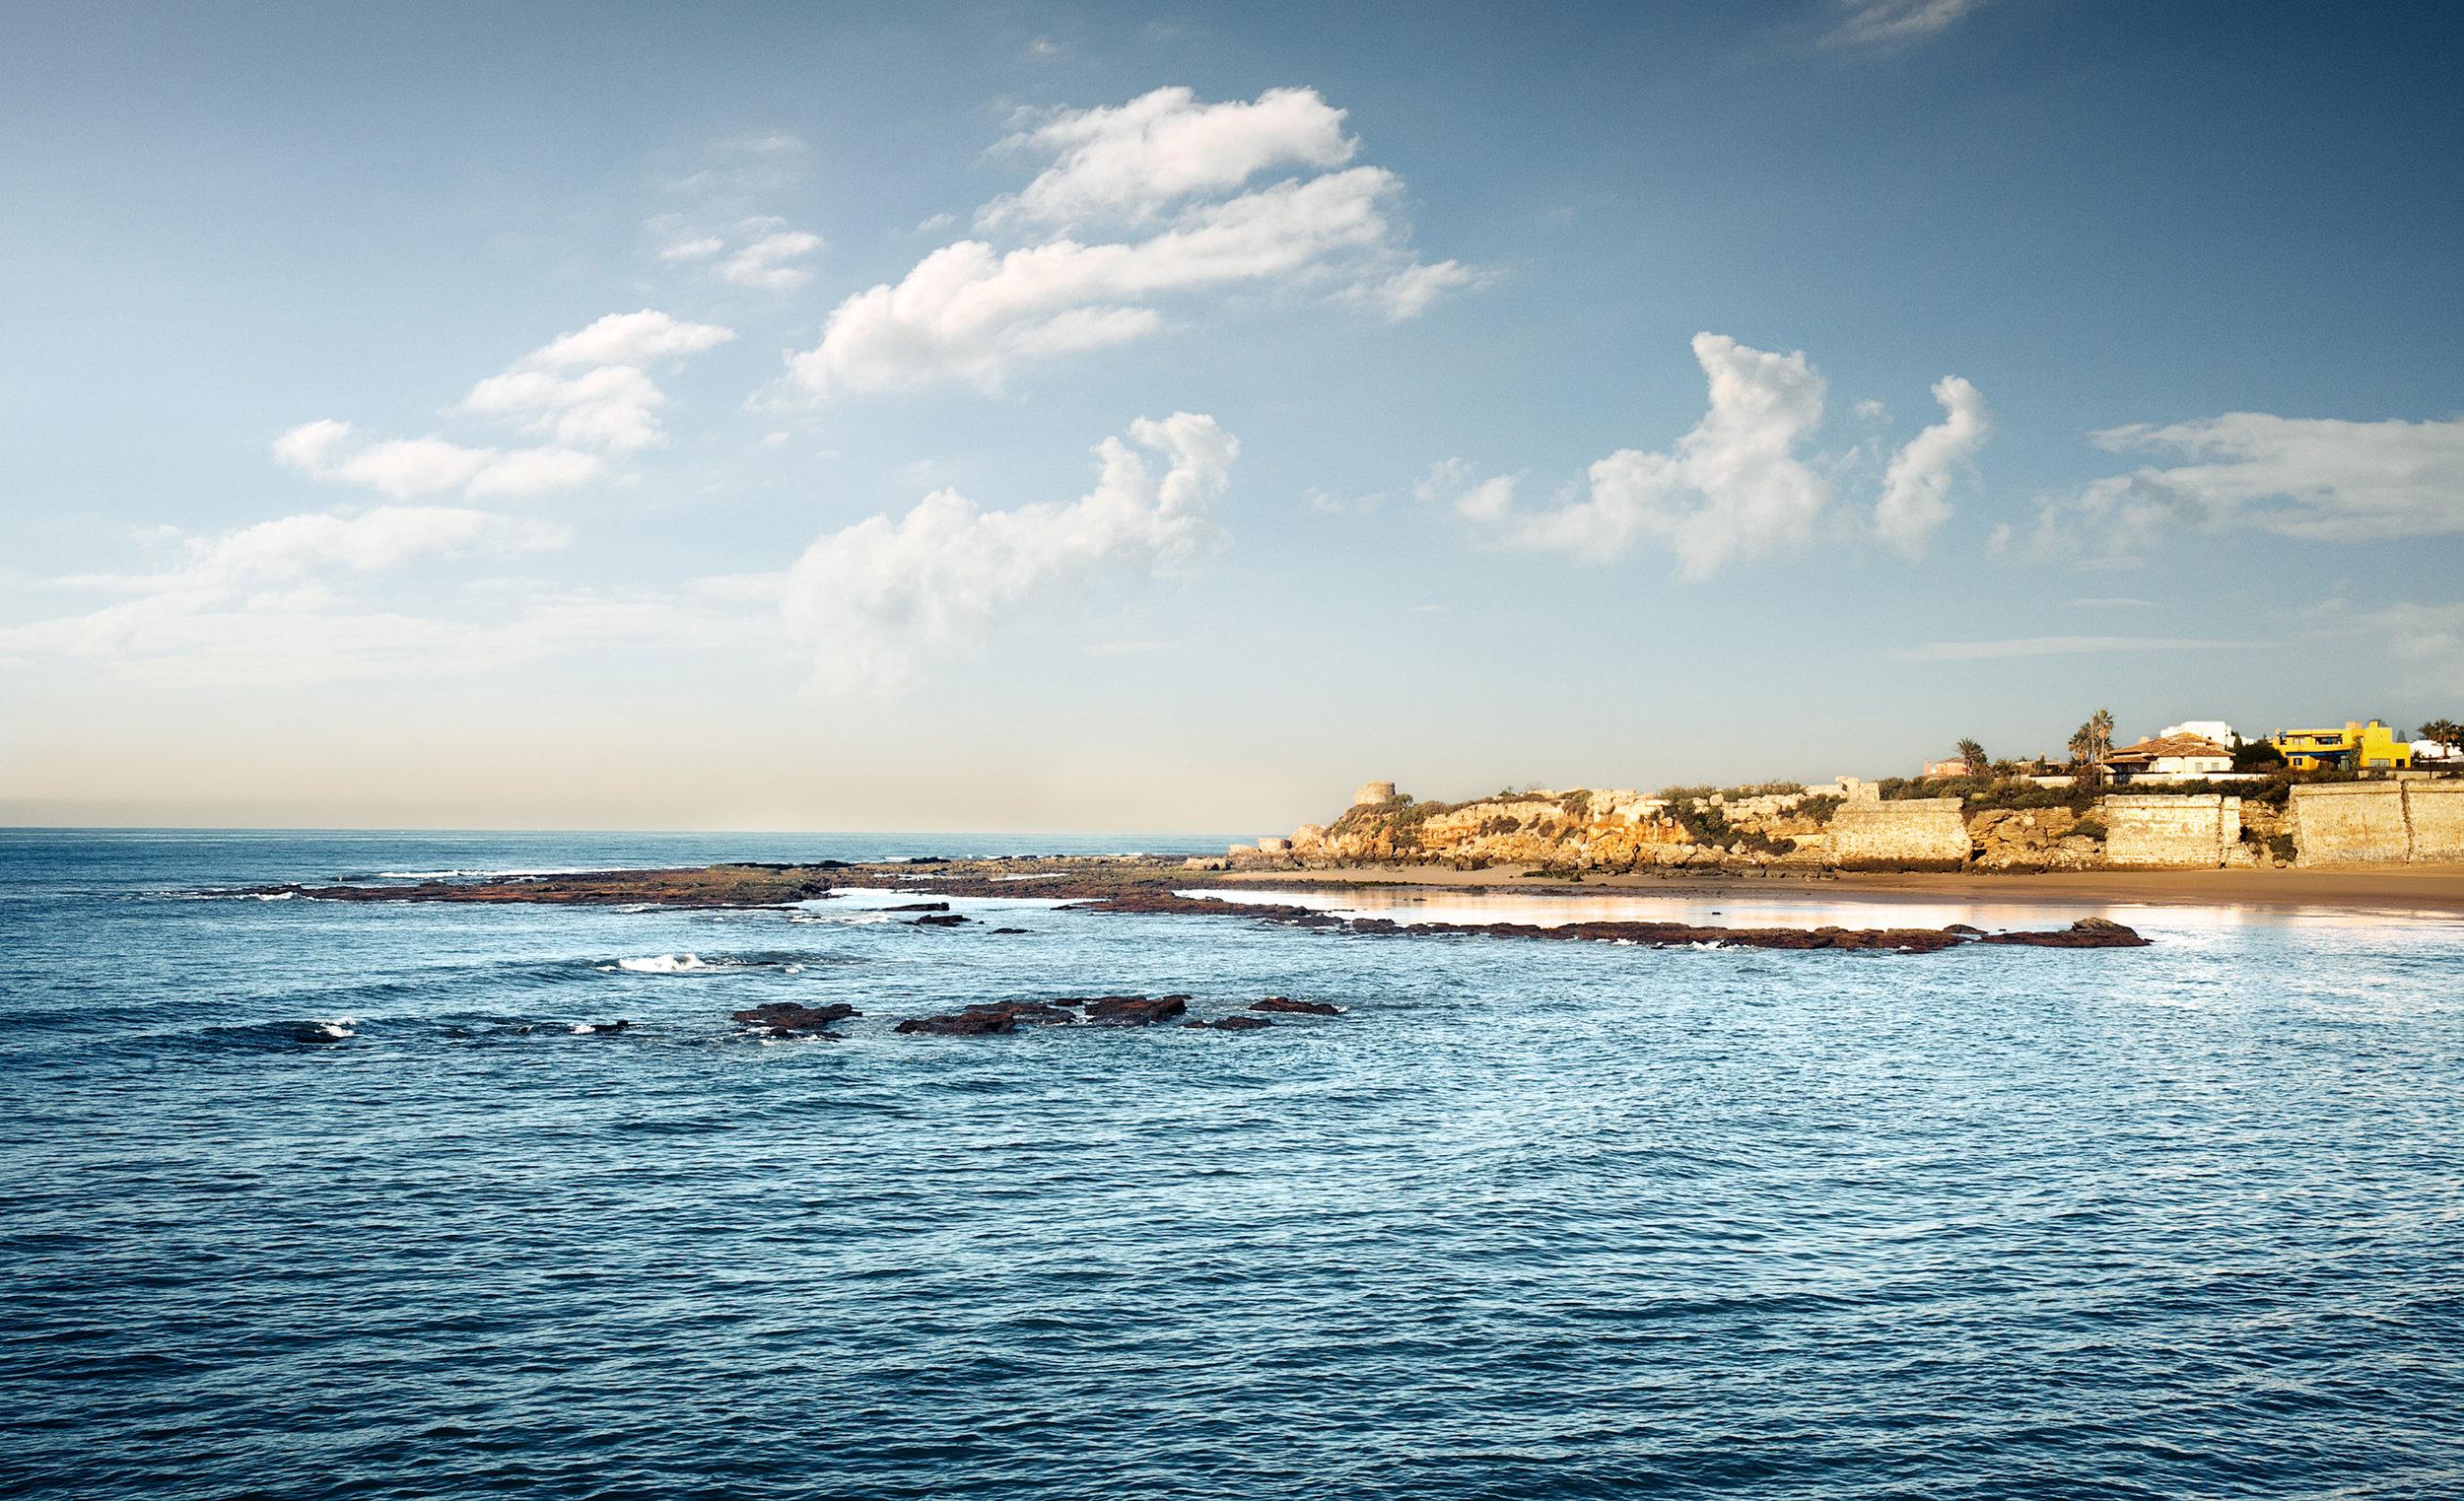 Playa-7-El-Puerto-de-Santa-Maria.jpg